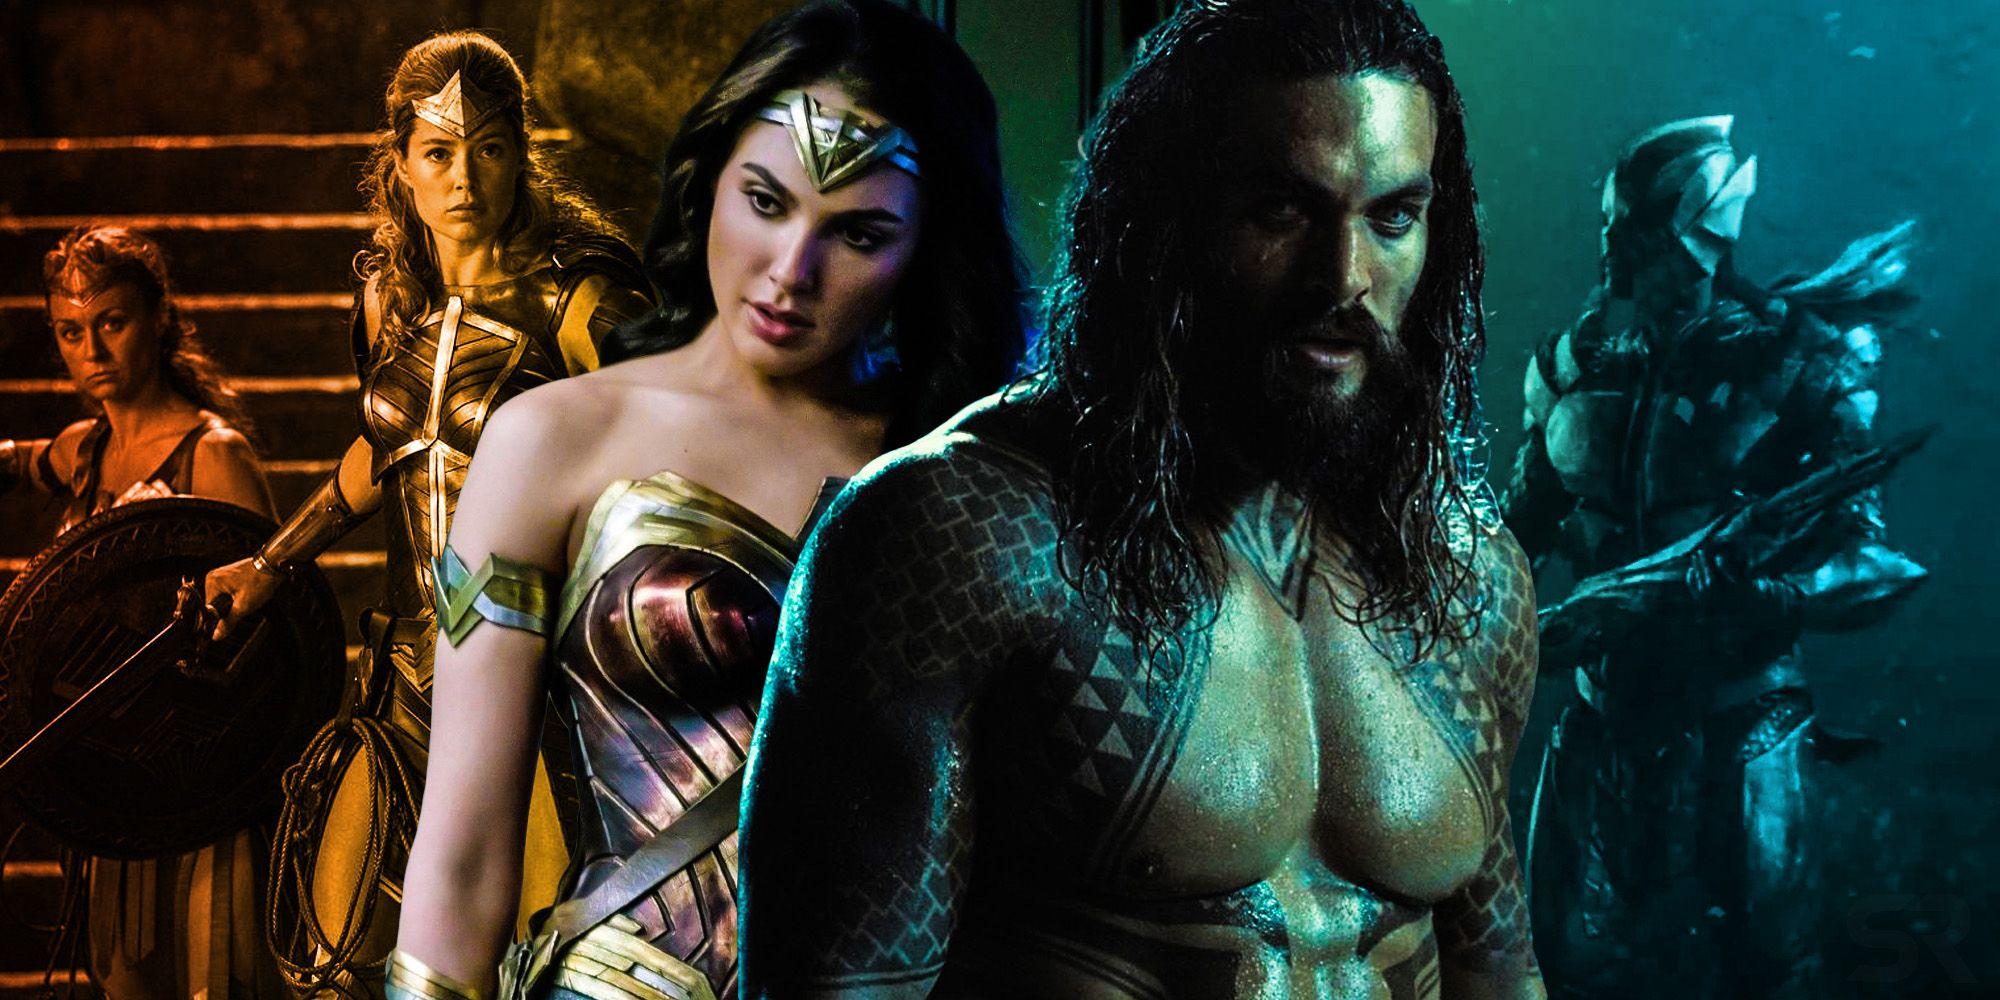 Justice League's Ancient Amazon vs Atlantean War Explained